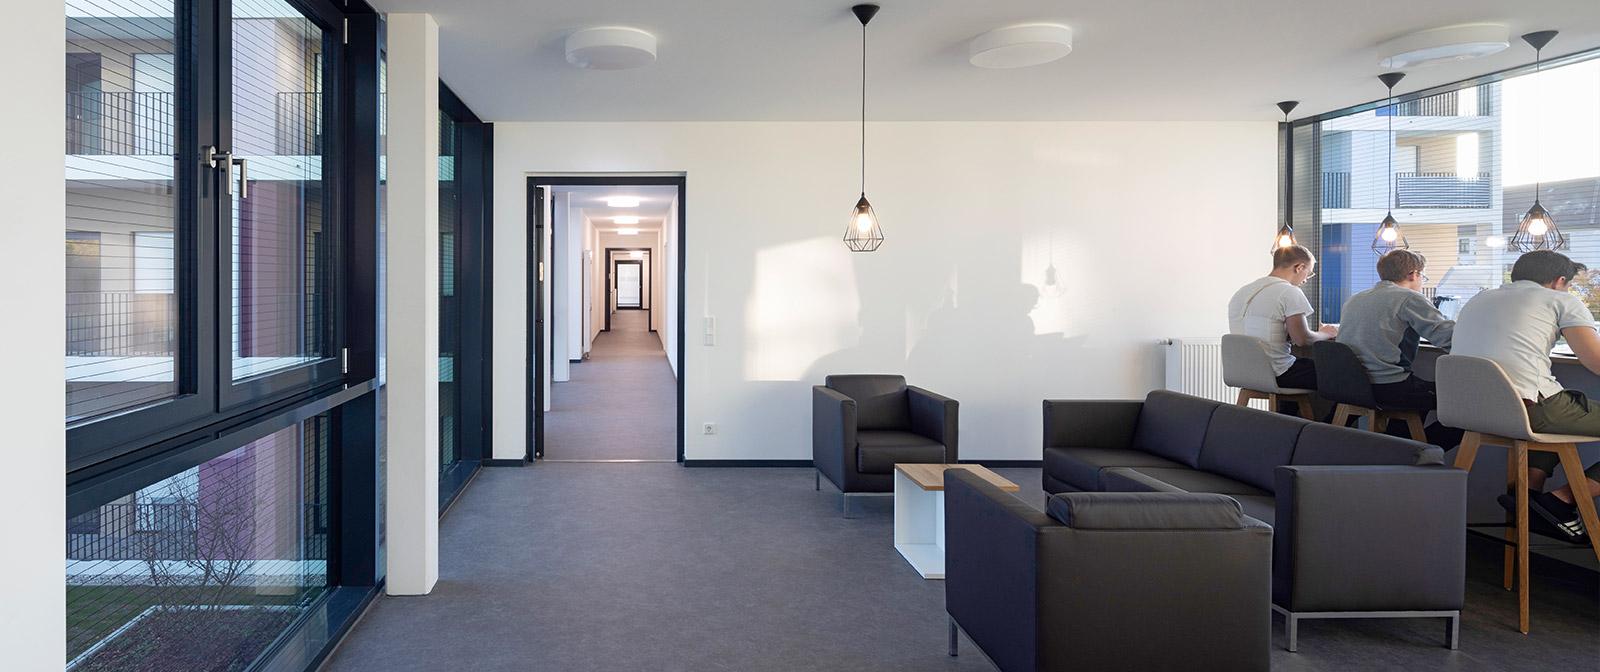 Campo Novo Mannheim Moderne Studentenapartments Zu Vermieten